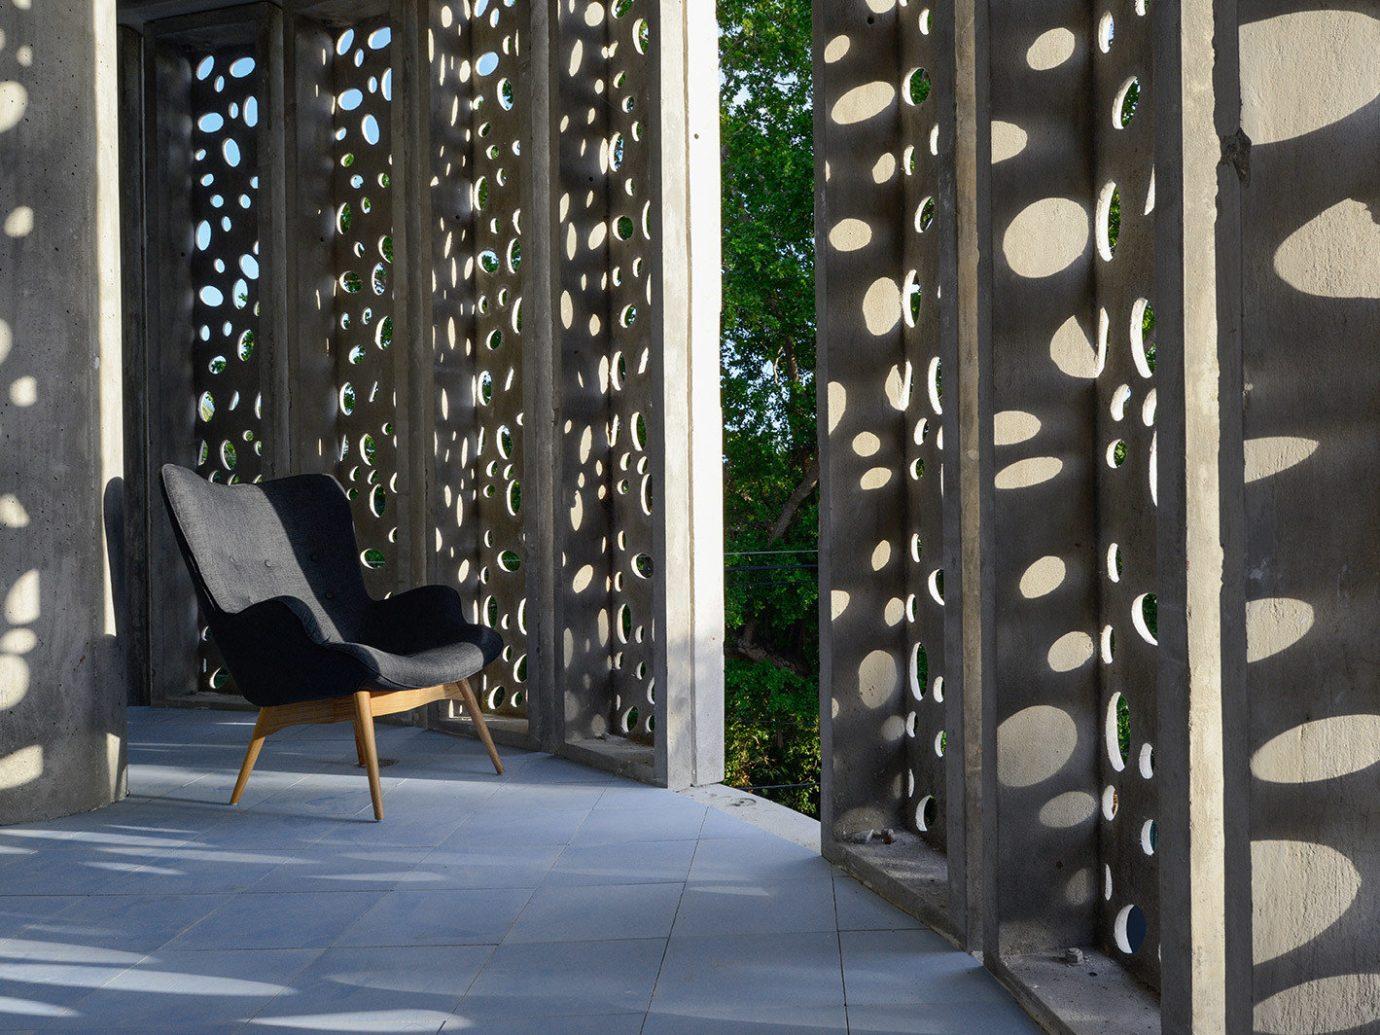 Boutique Design Hip Hotels Modern black light interior design lighting furniture material